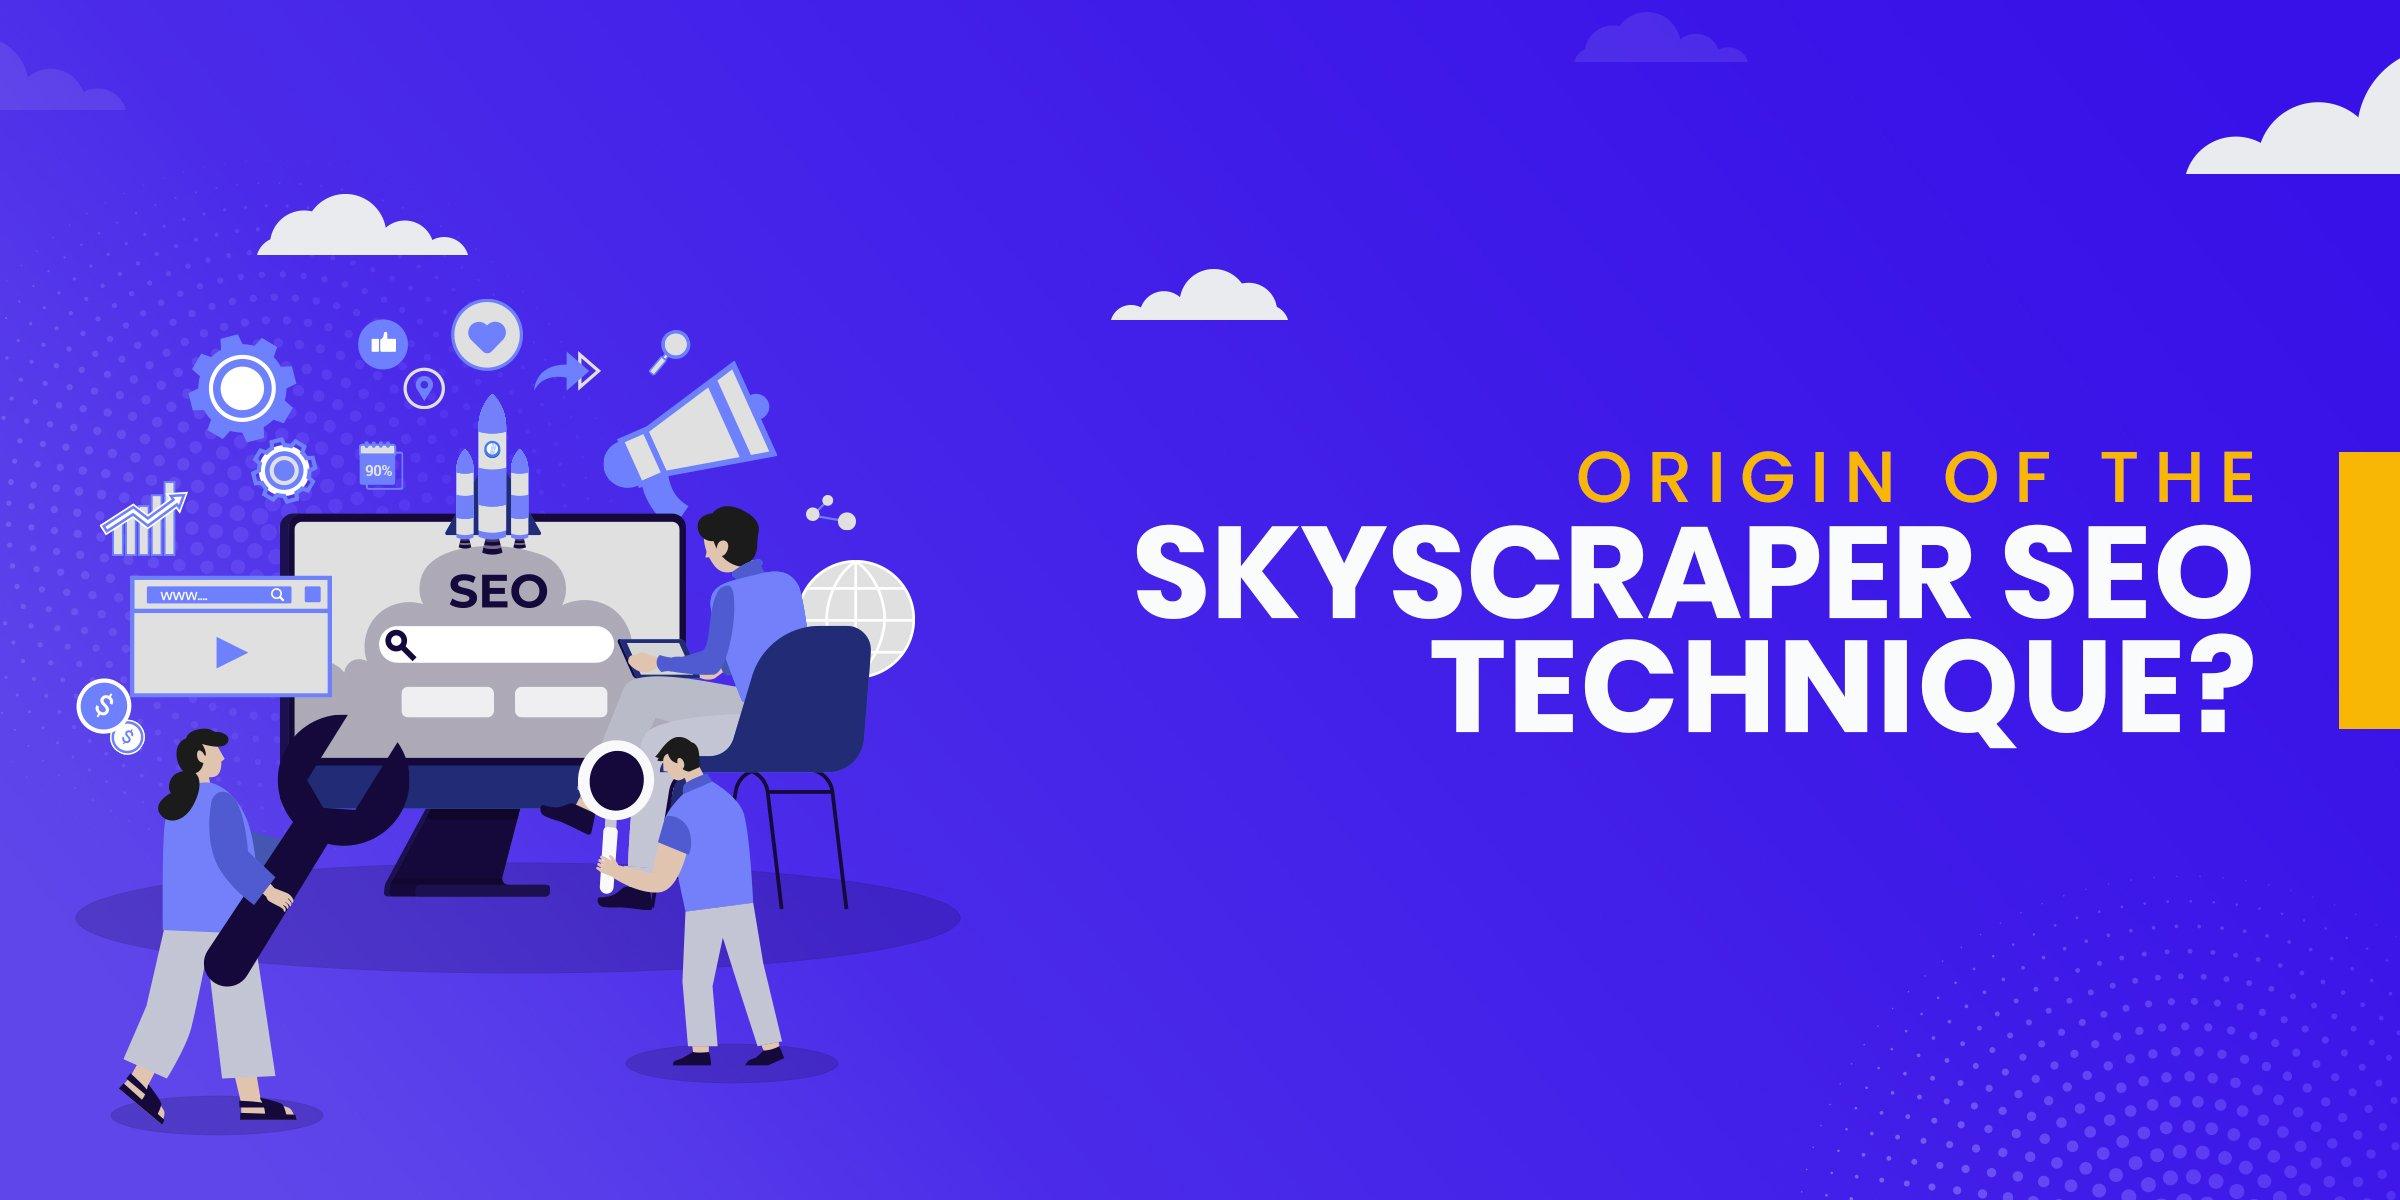 Origin of the Skyscraper SEO Technique